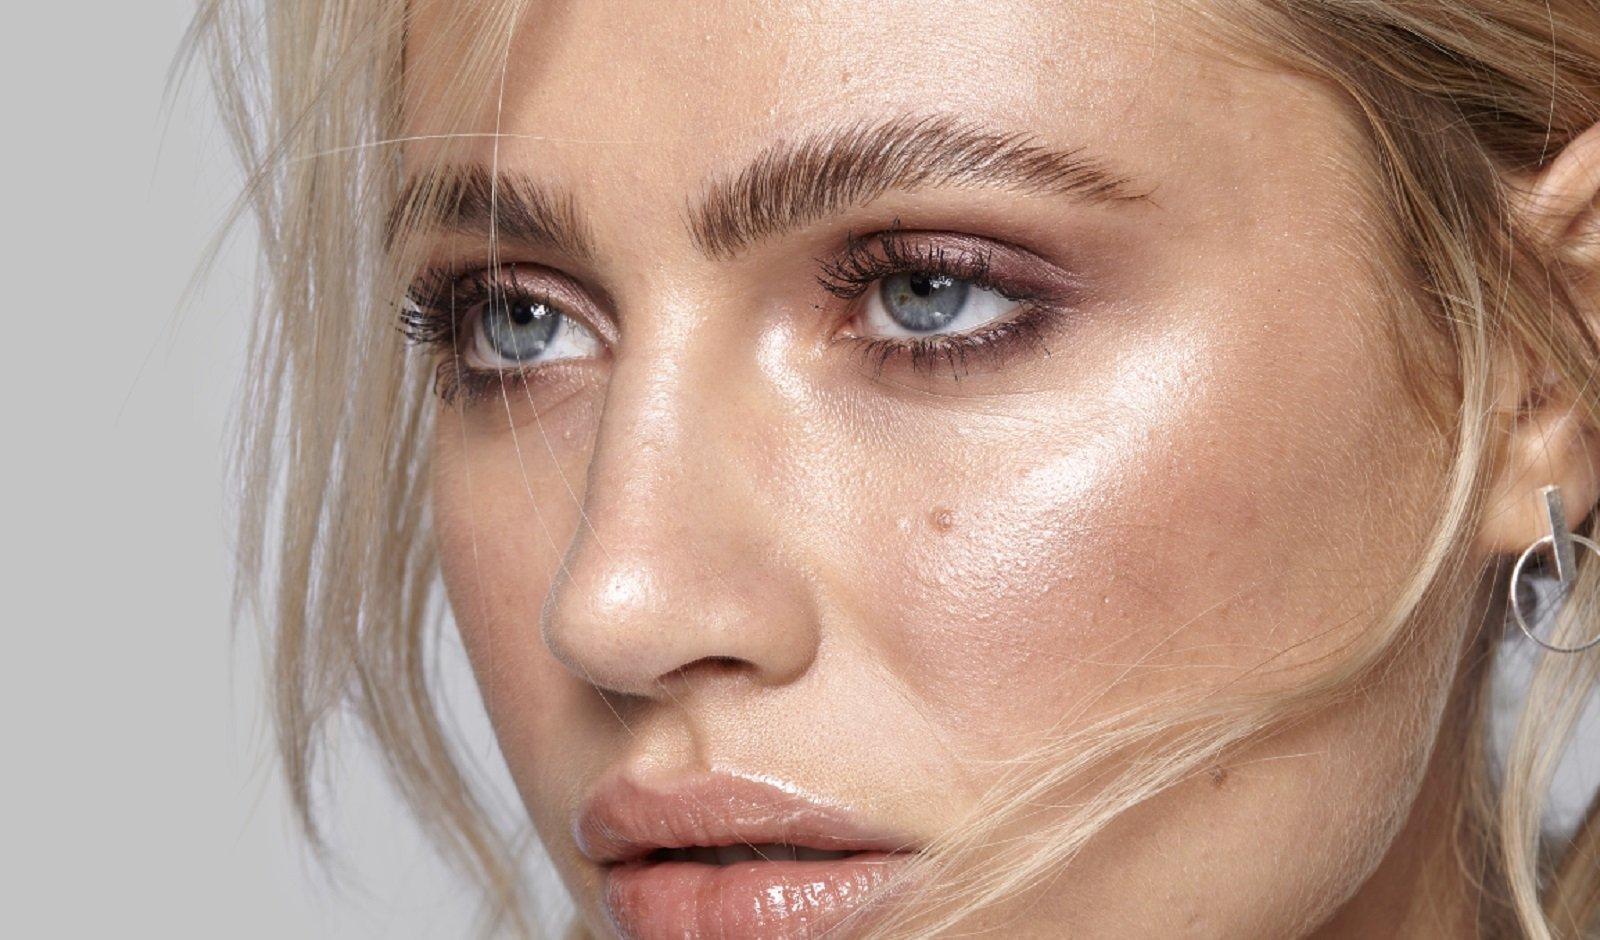 Brow lamination: sobrancelhas alinhadas e modernas